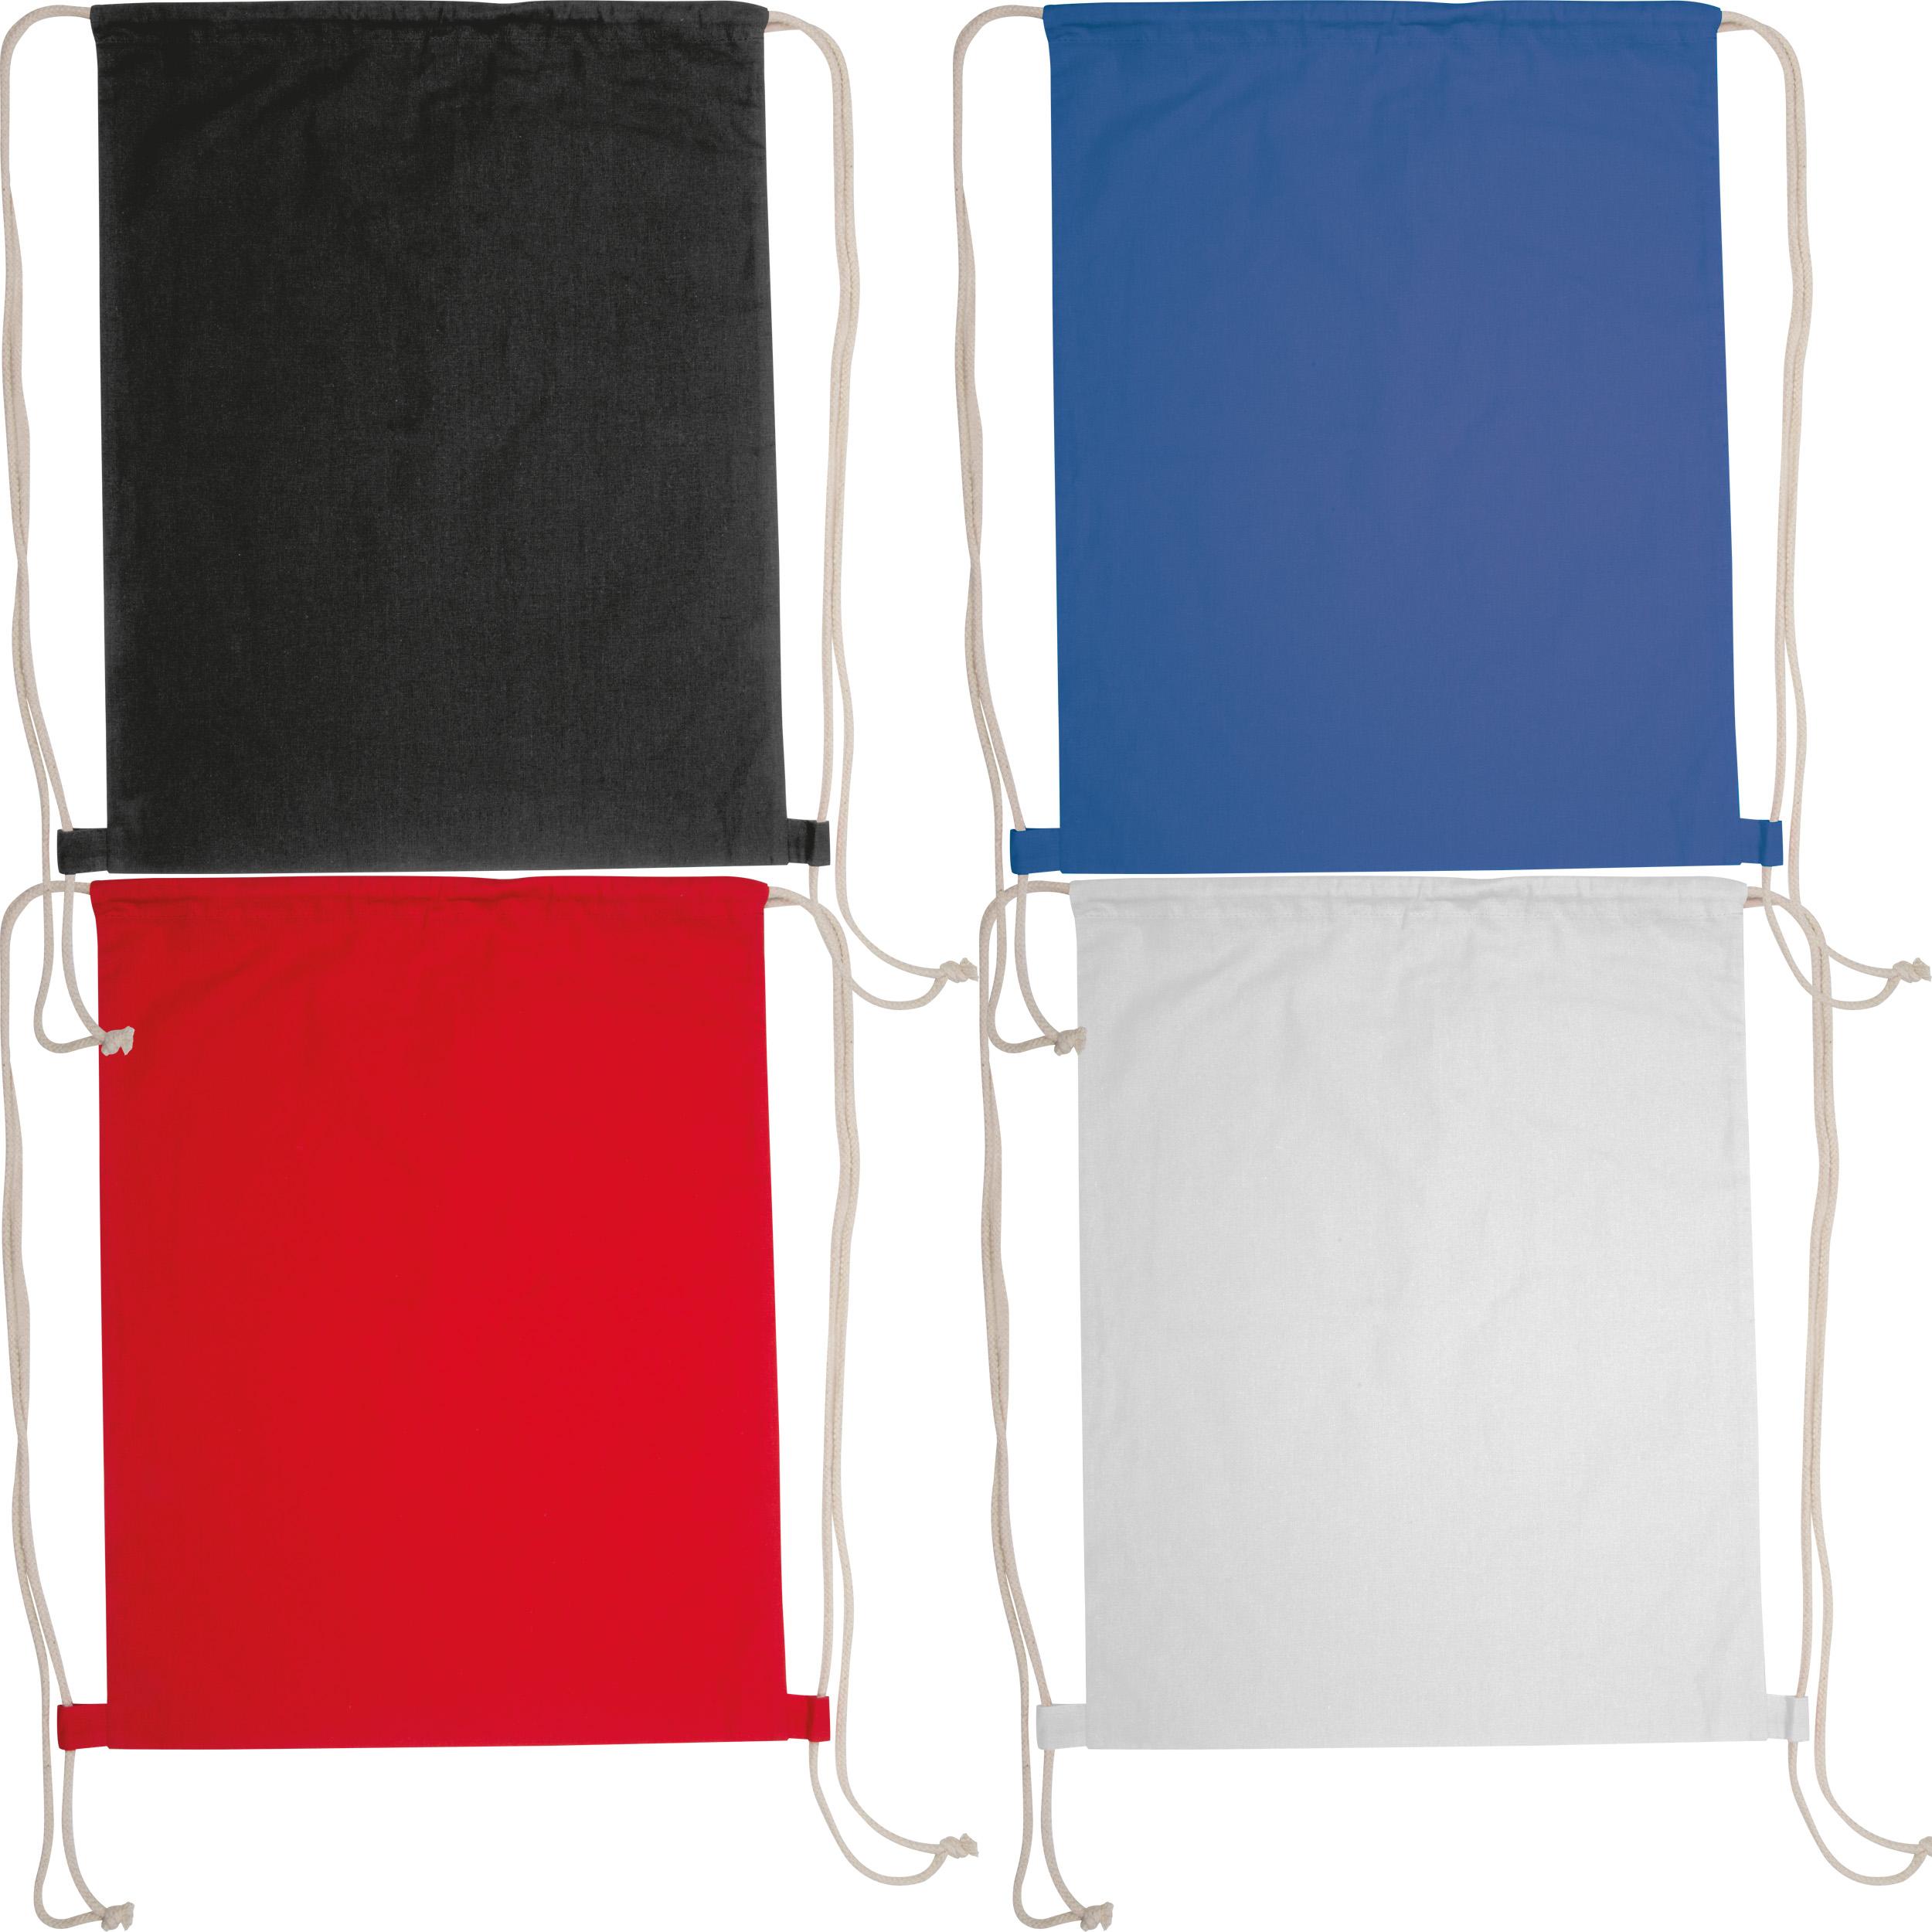 Oeko-Tex® STANDARD 100 zertifizierter Gymbag aus umweltfreundlicher Baumwolle ( 140g/m )